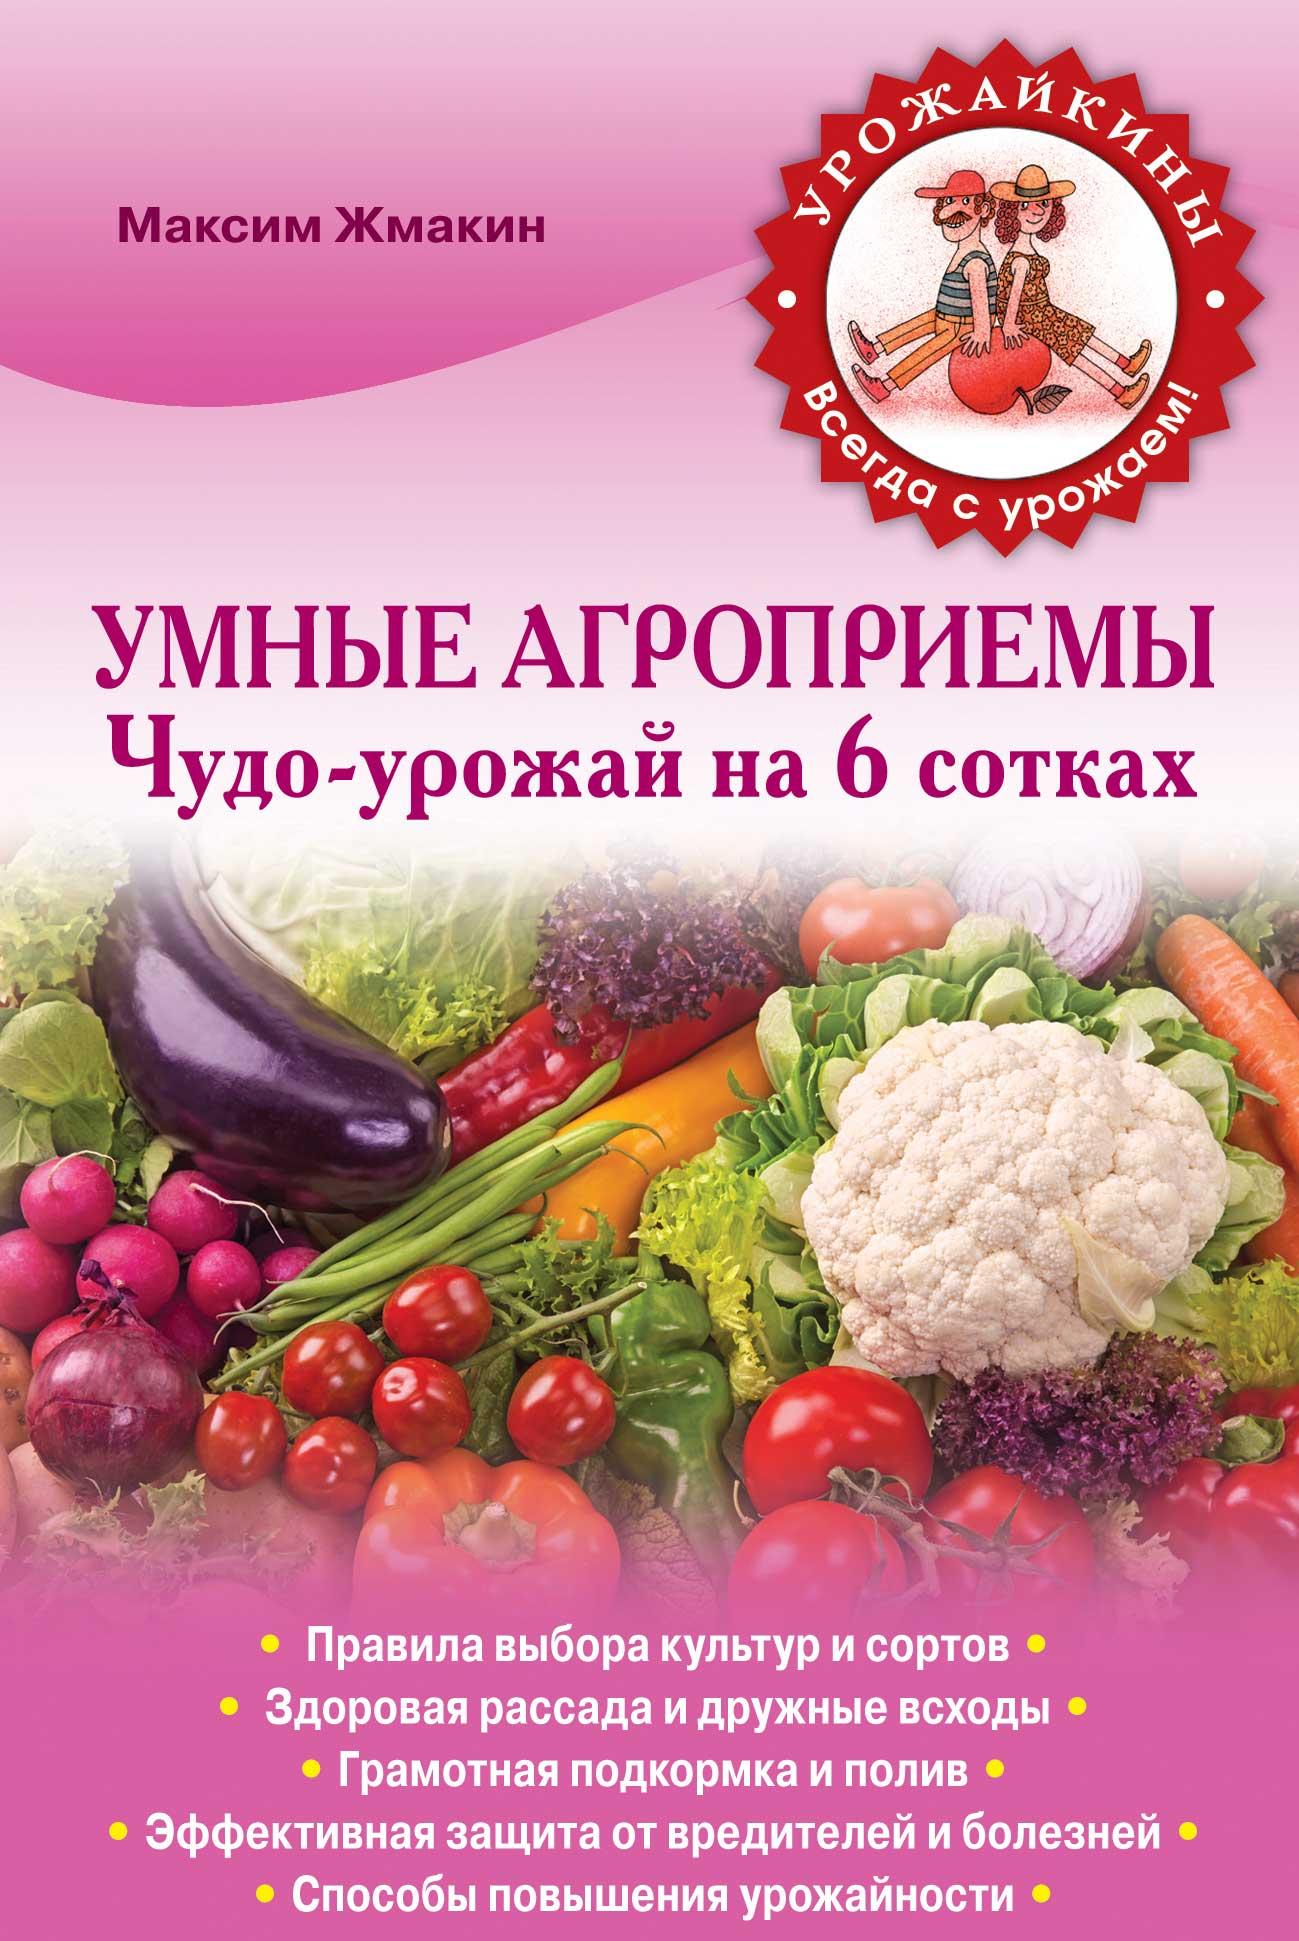 Максим Жмакин Умные агроприемы. Чудо-урожай на 6 сотках галина серикова чудо урожай на 6 сотках